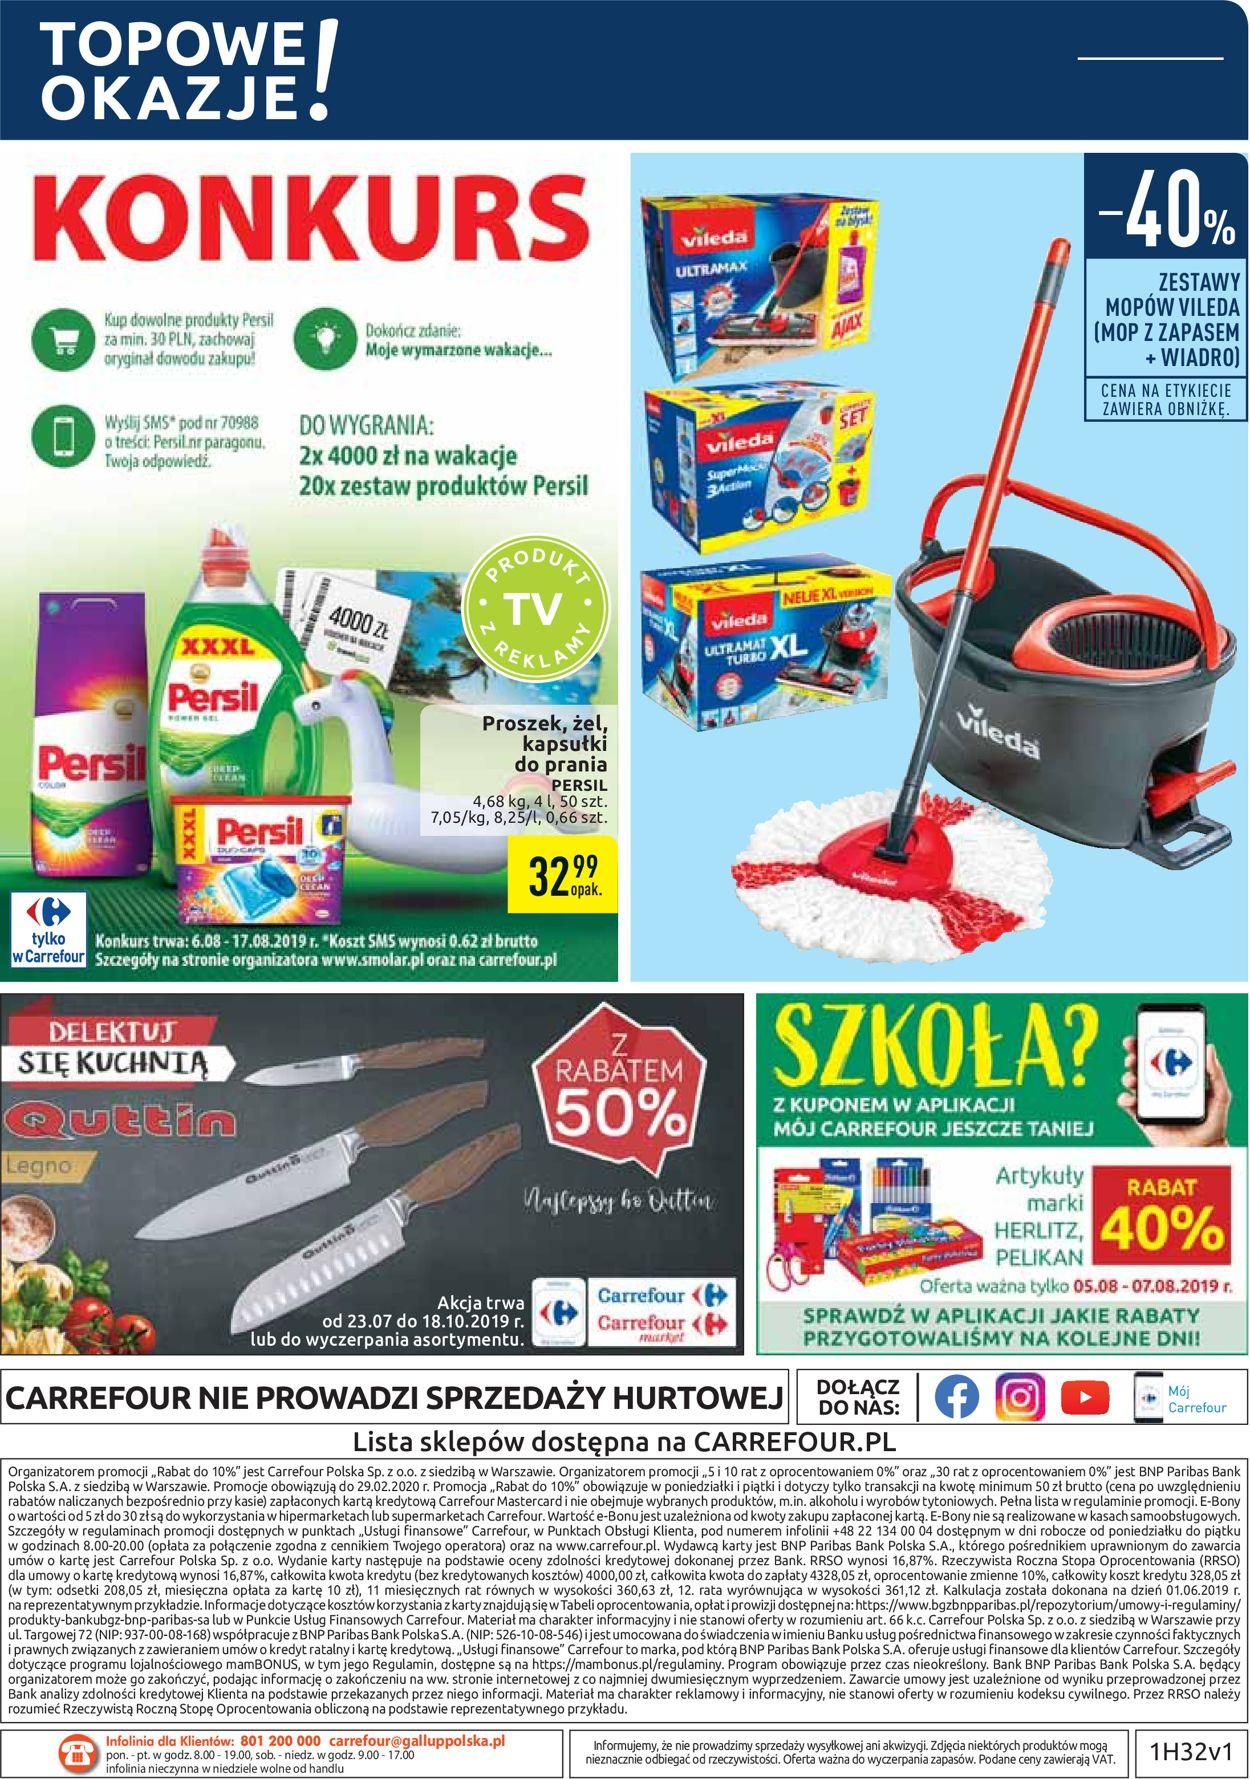 Gazetka promocyjna Carrefour - 06.08-17.08.2019 (Strona 36)